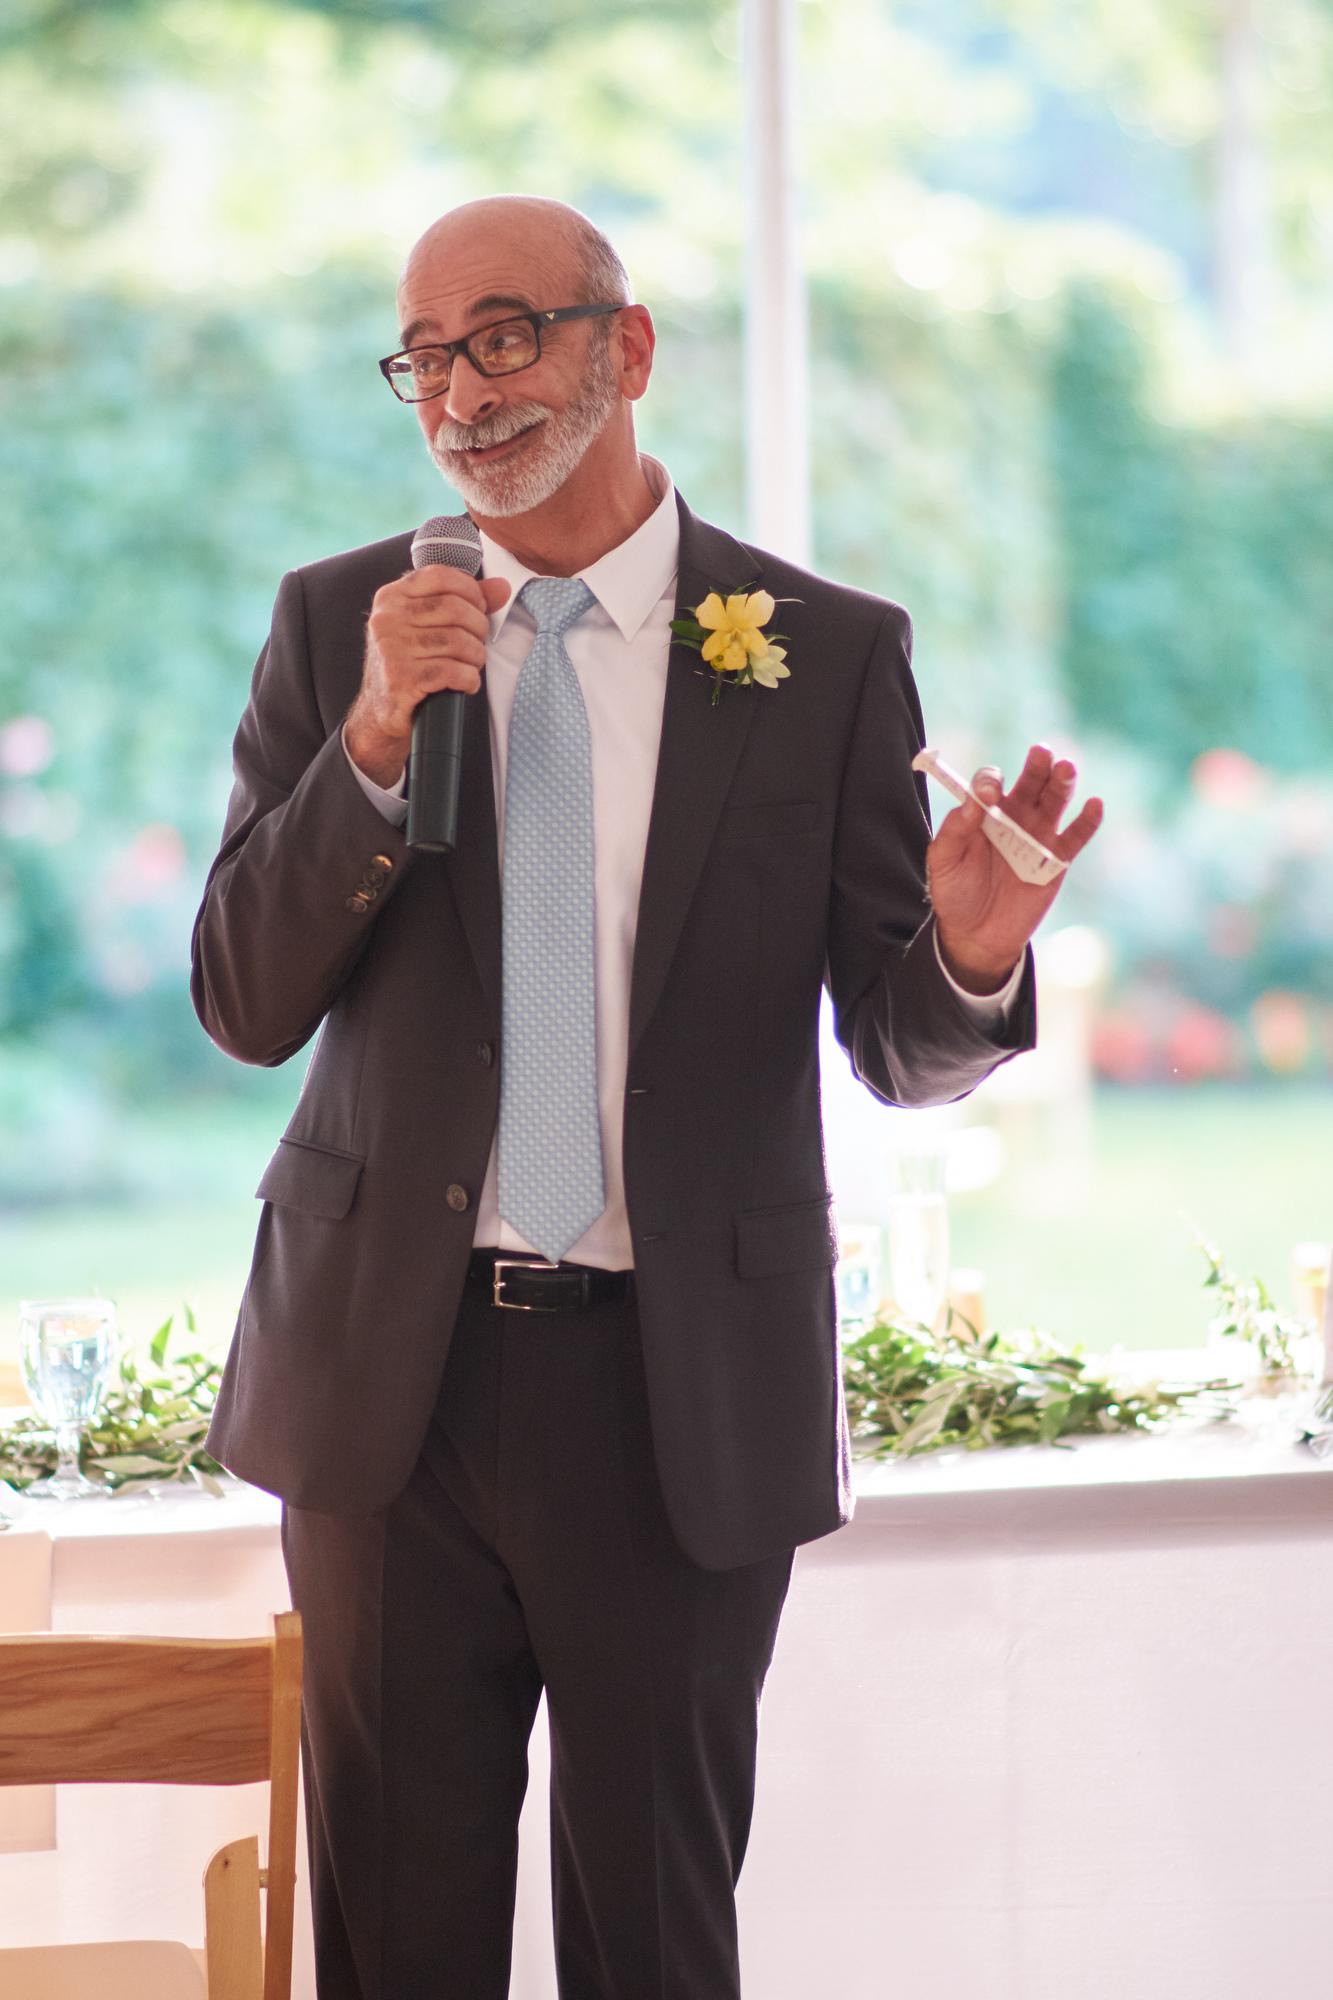 2019-07-20_18-04-22_FUJIFILM_X-T1_(c)_RH_weddingsbyryanandkate.comA.JPG